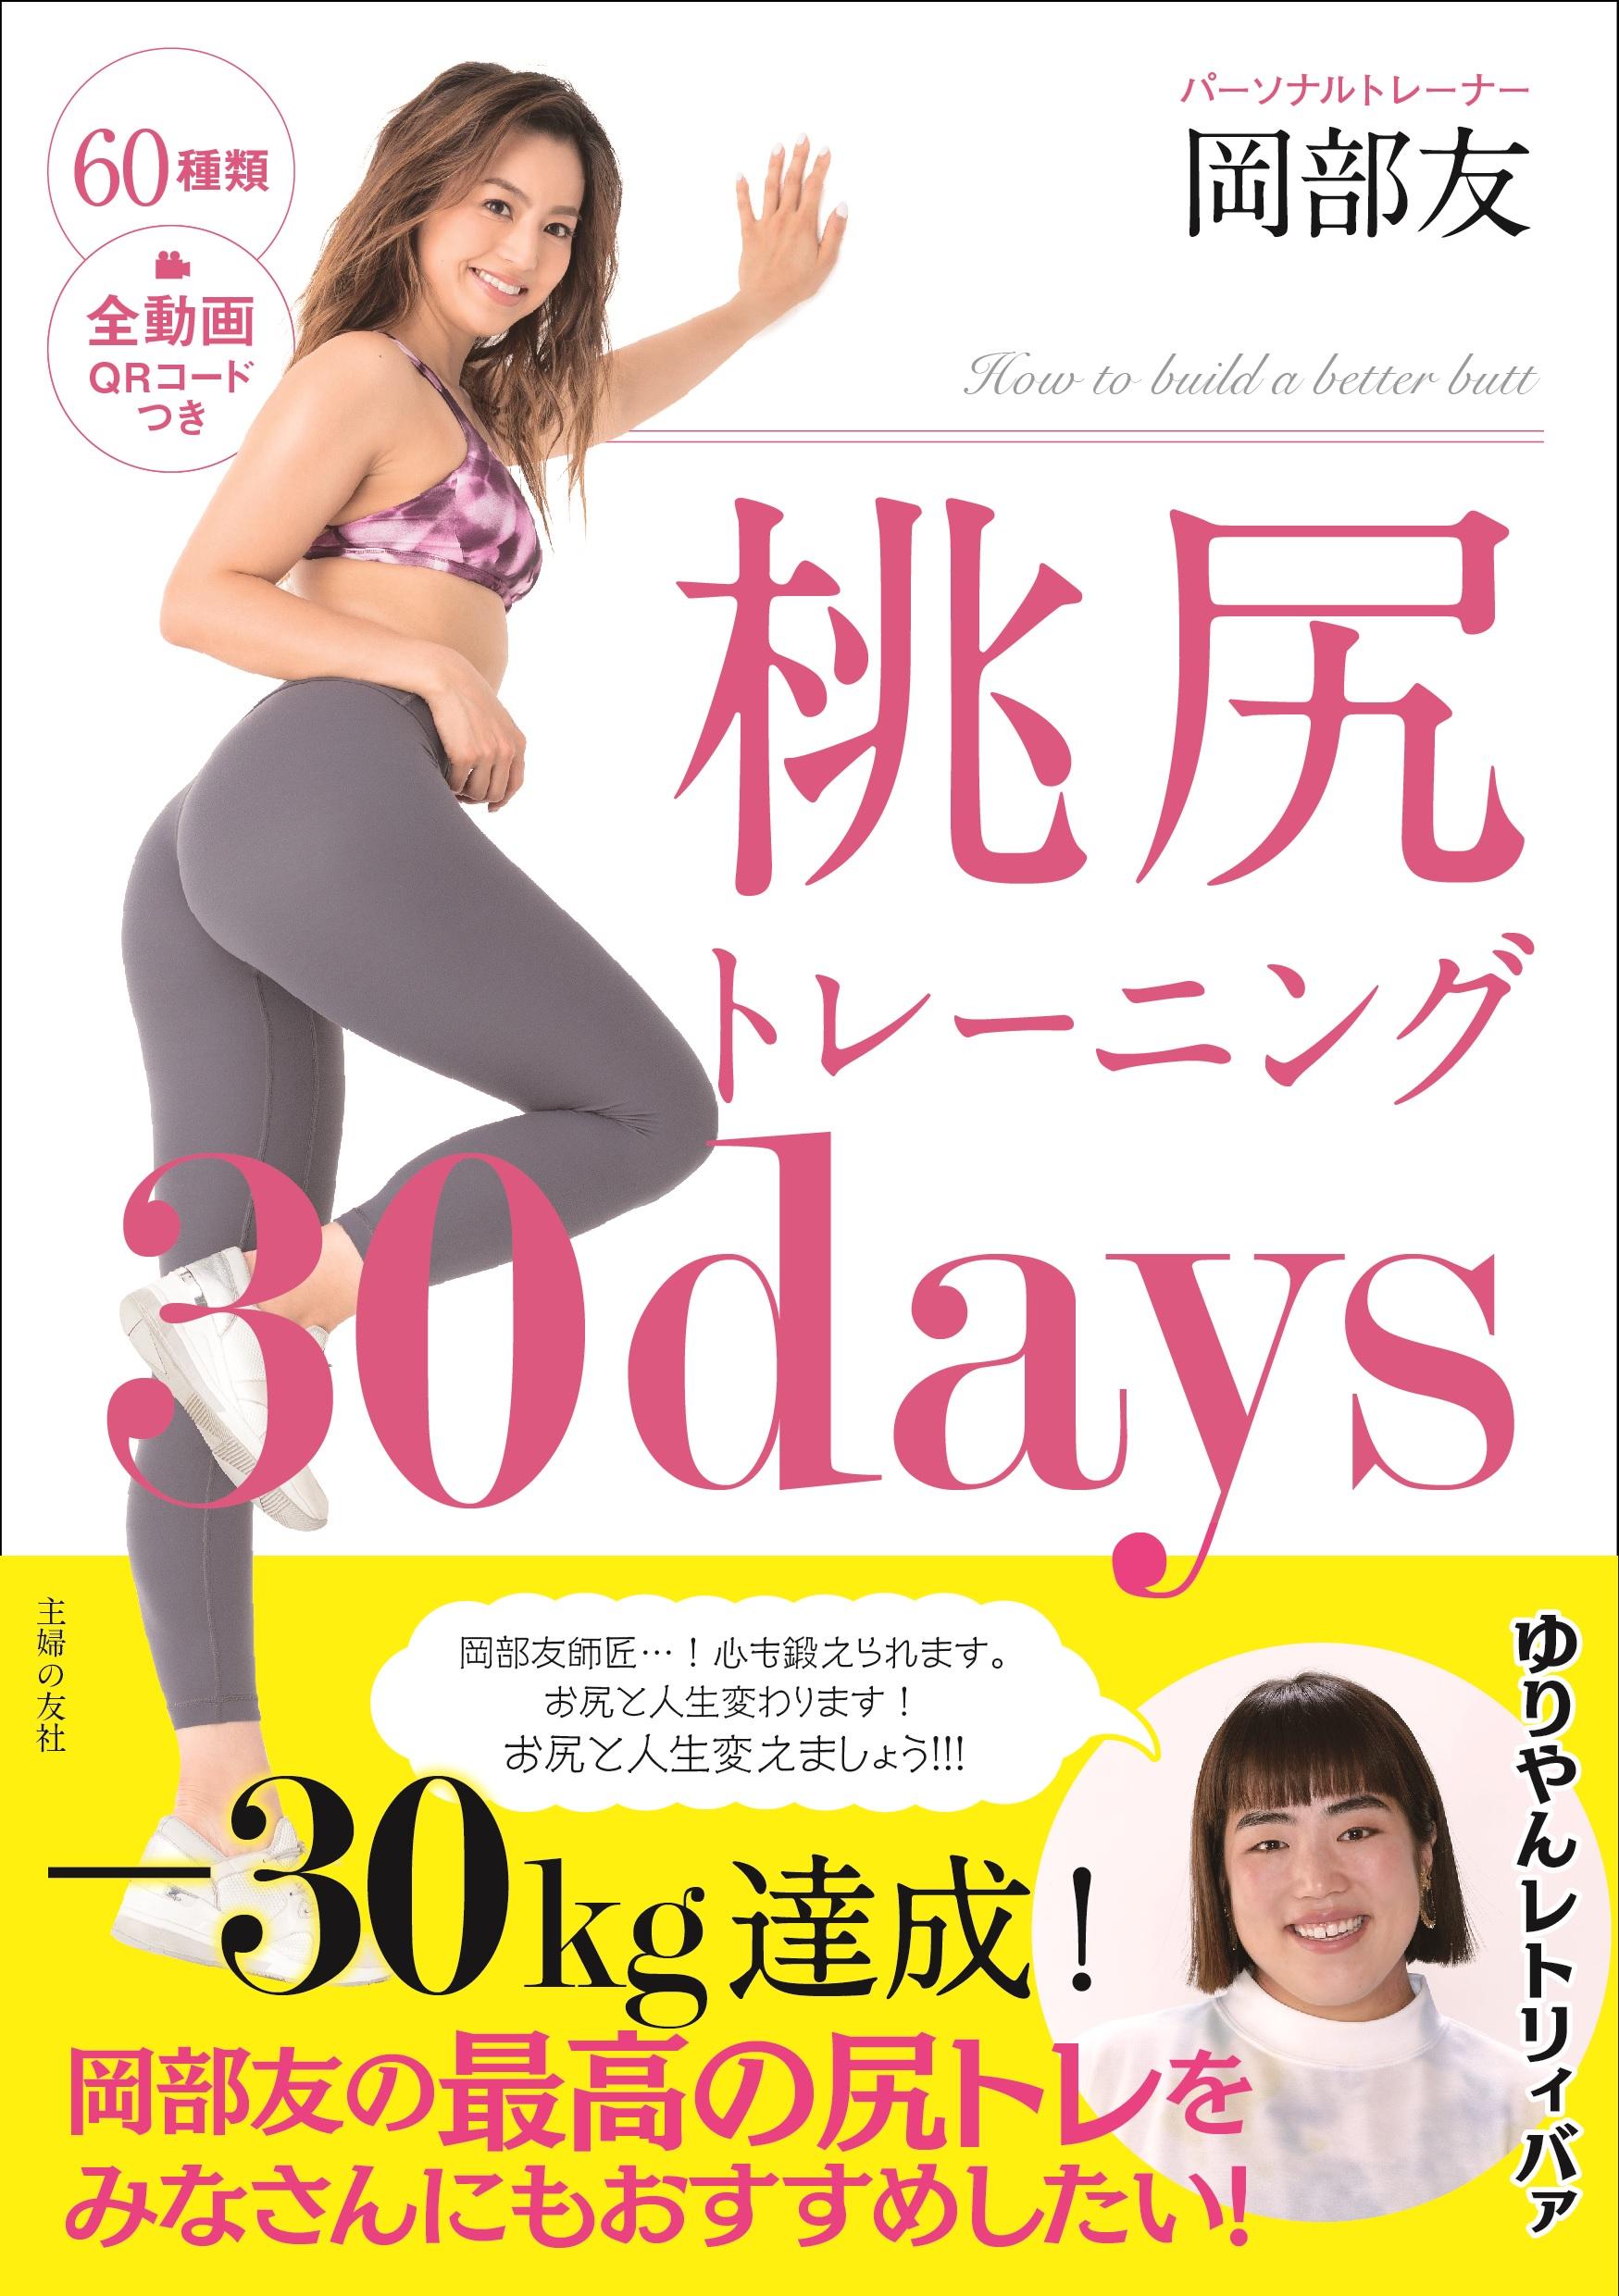 『桃尻トレーニング30days』(主婦の友社)